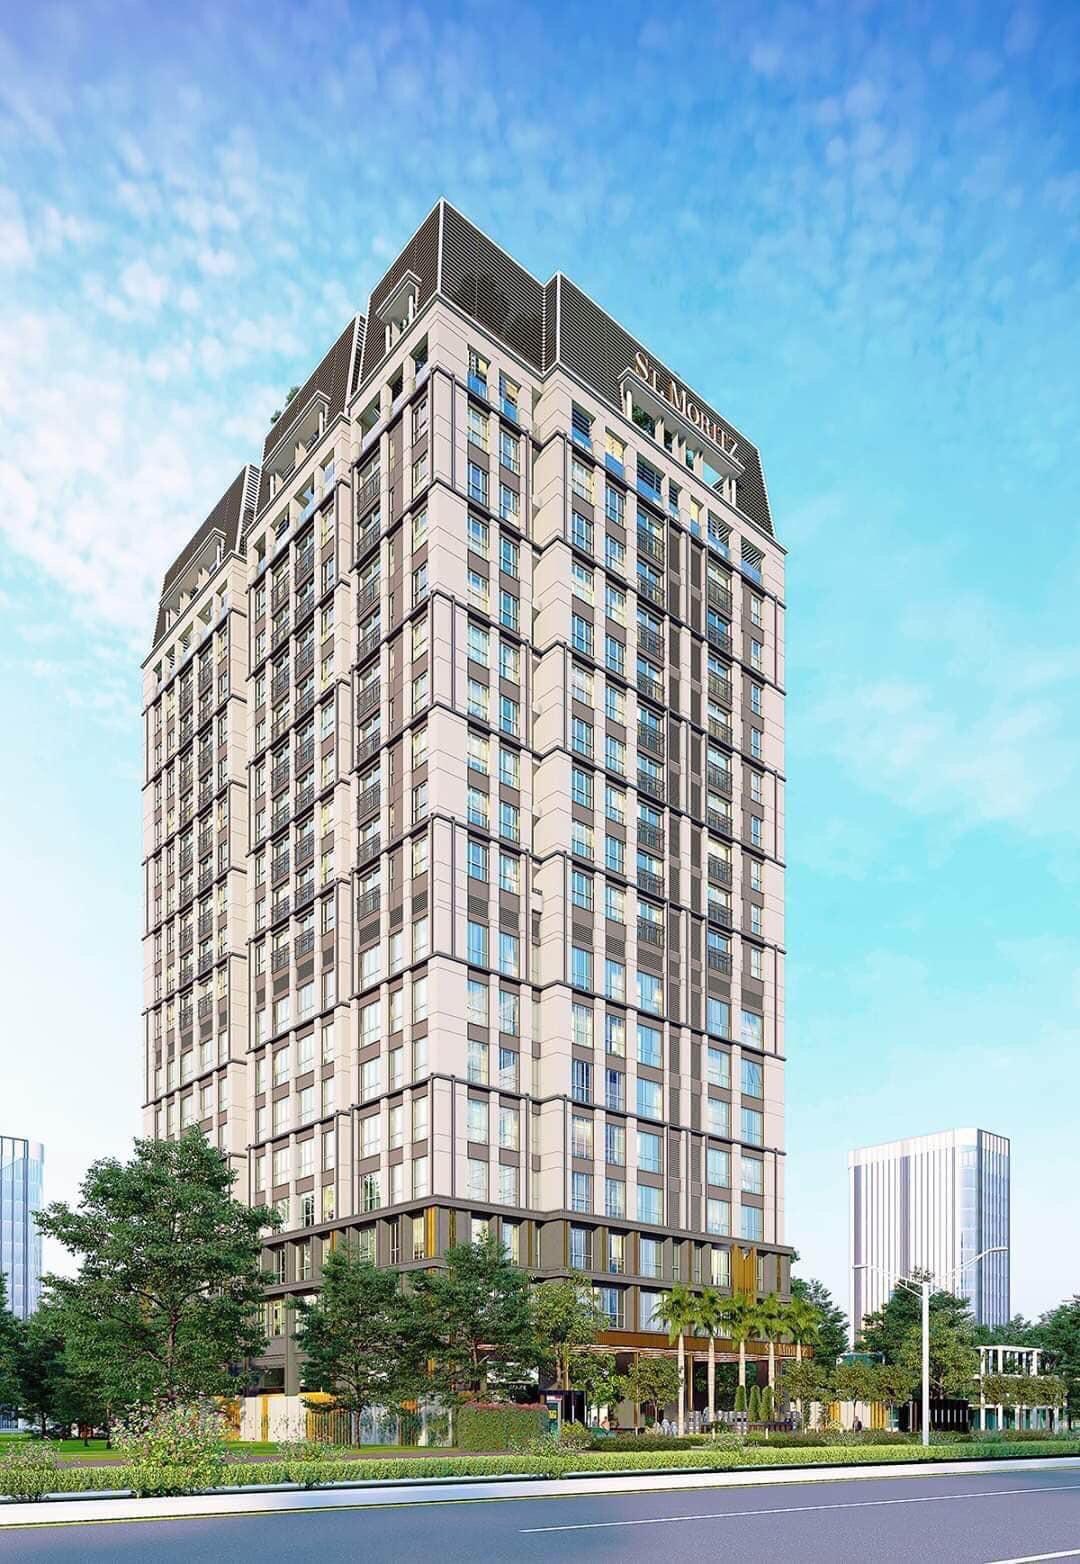 Dự án căn hộ ST Moritz Đất Xanh Phạm Văn Đồng